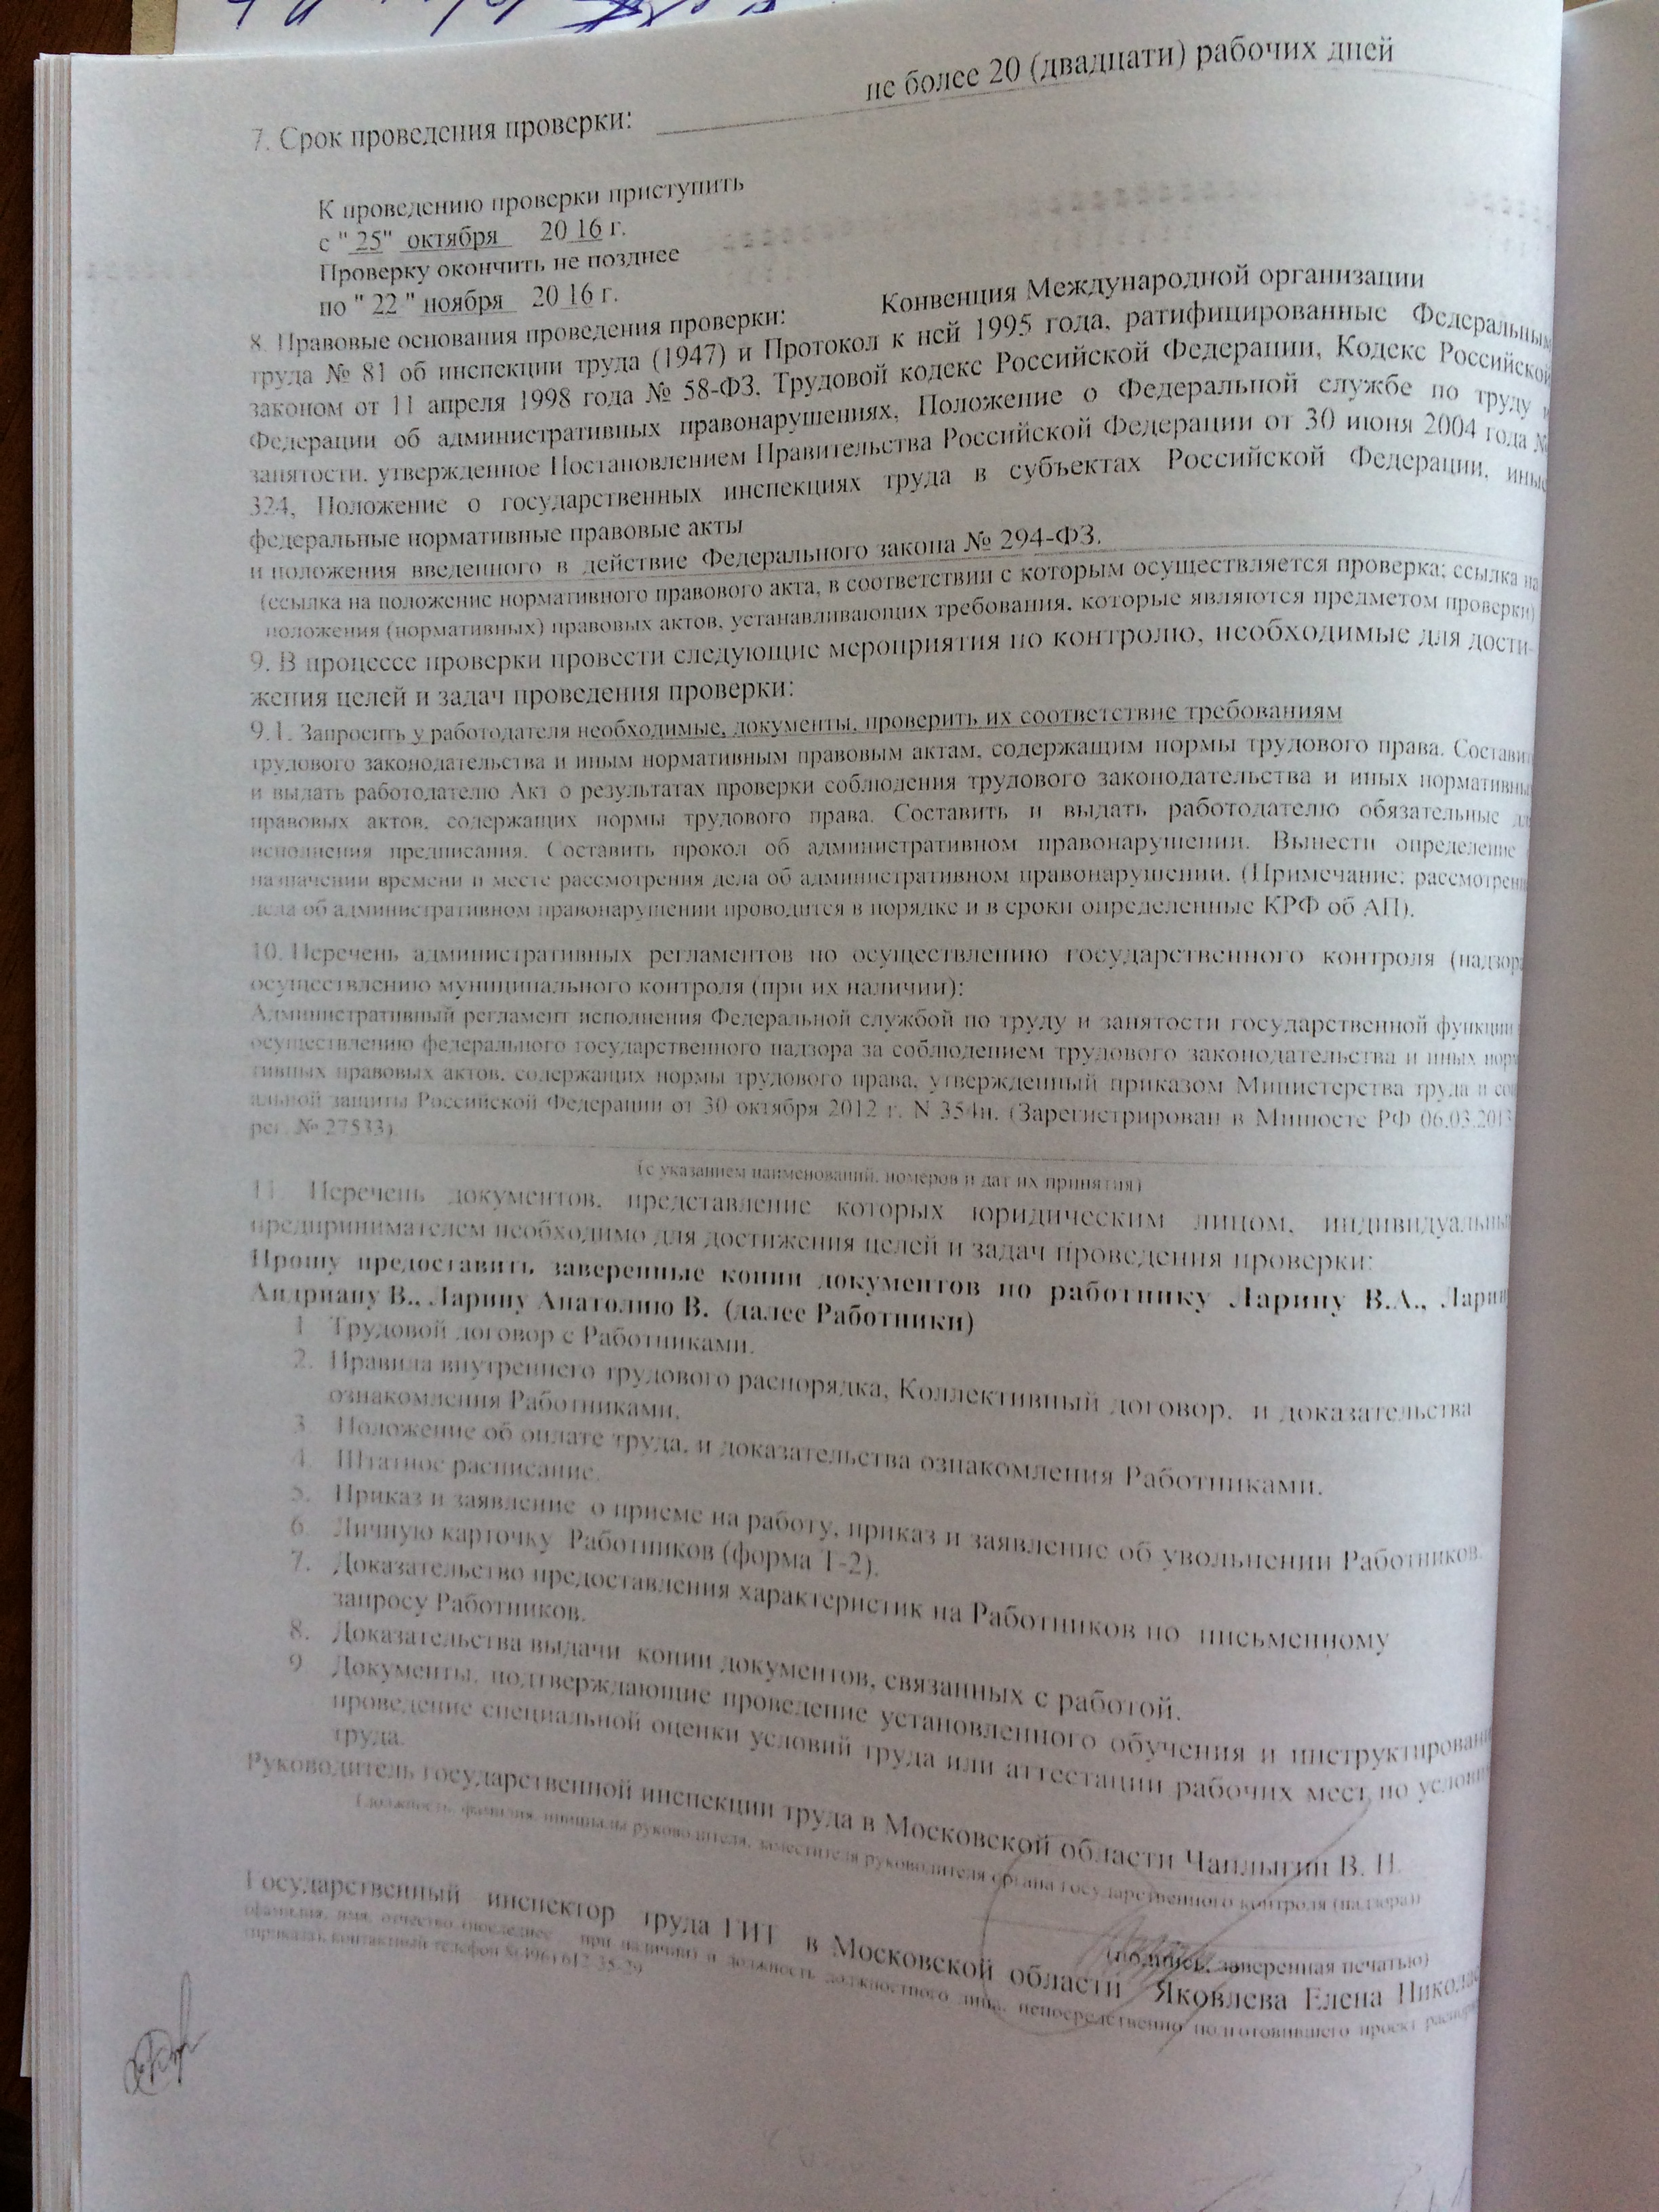 Фото документов проверки Луховицкой городской прокуратурой - 115 (5)